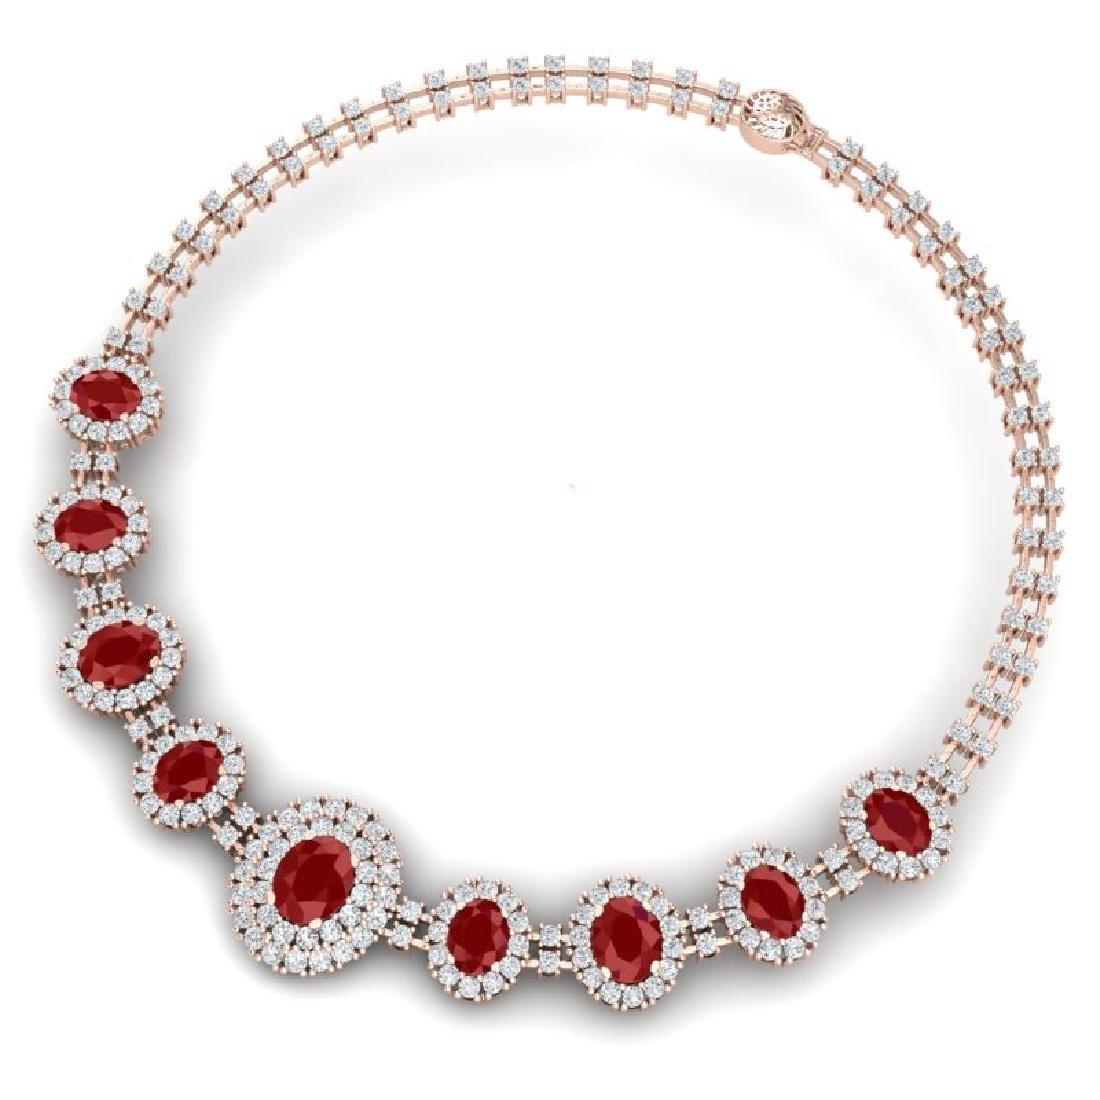 45.69 CTW Royalty Ruby & VS Diamond Necklace 18K Rose - 3